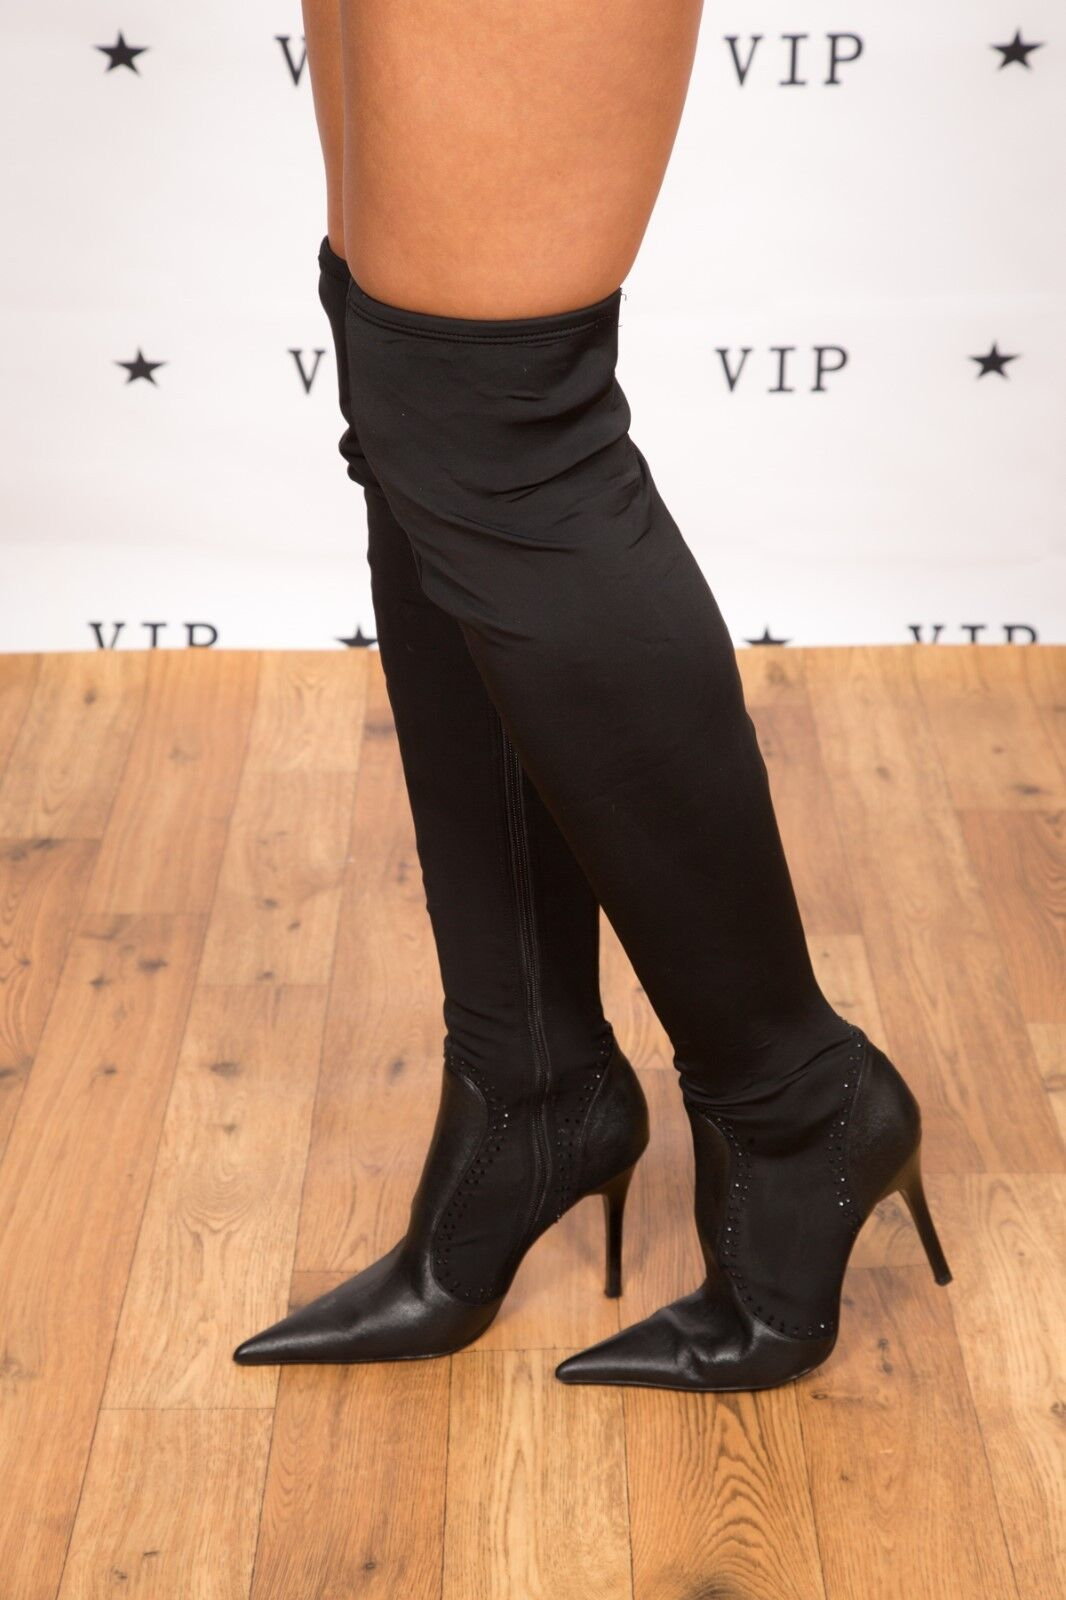 Sexy Negro Aspecto Húmedo encima de la rodilla Cristal Kate KUBA Tachonado Botas